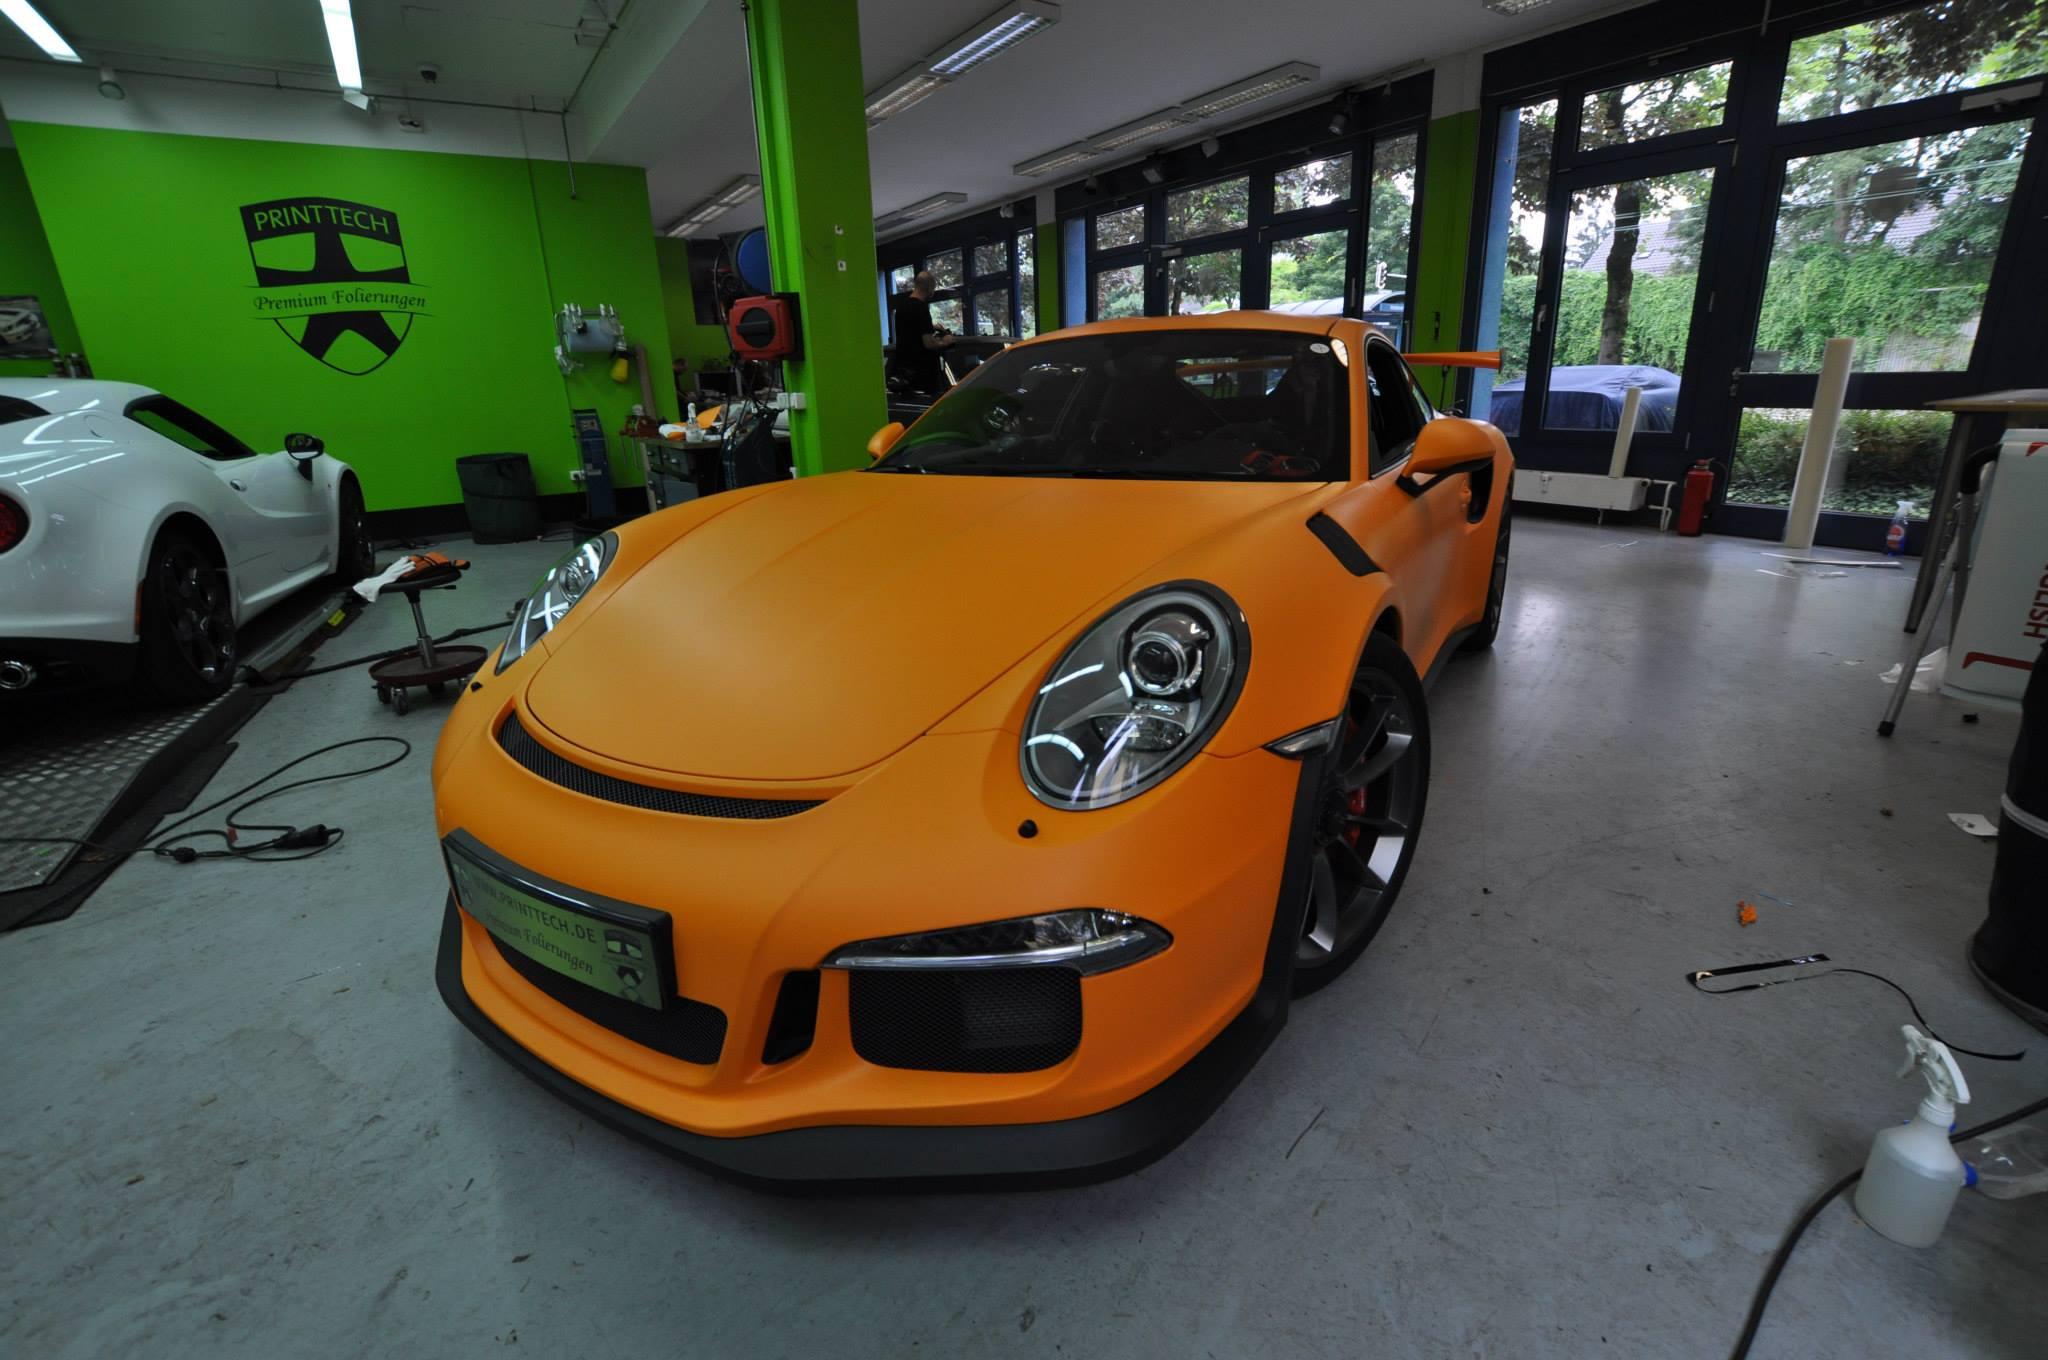 2016 Porsche 911 GT3 RS Gets Retro Look With Racing Orange